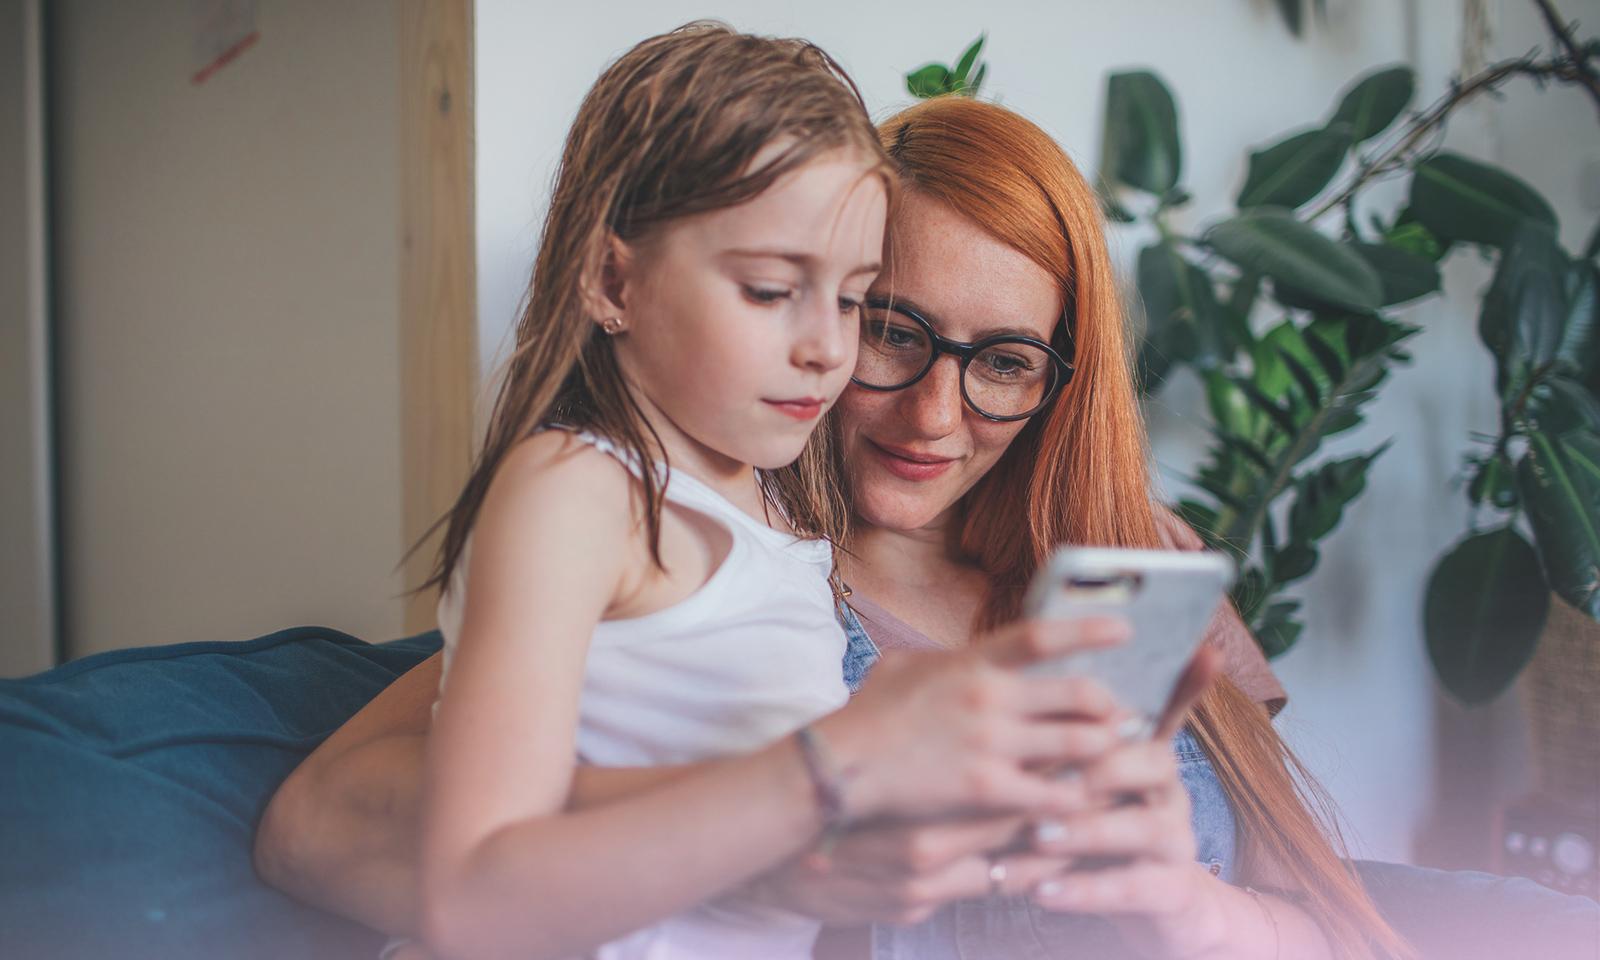 La coéducation numérique, un échange gagnant-gagnant